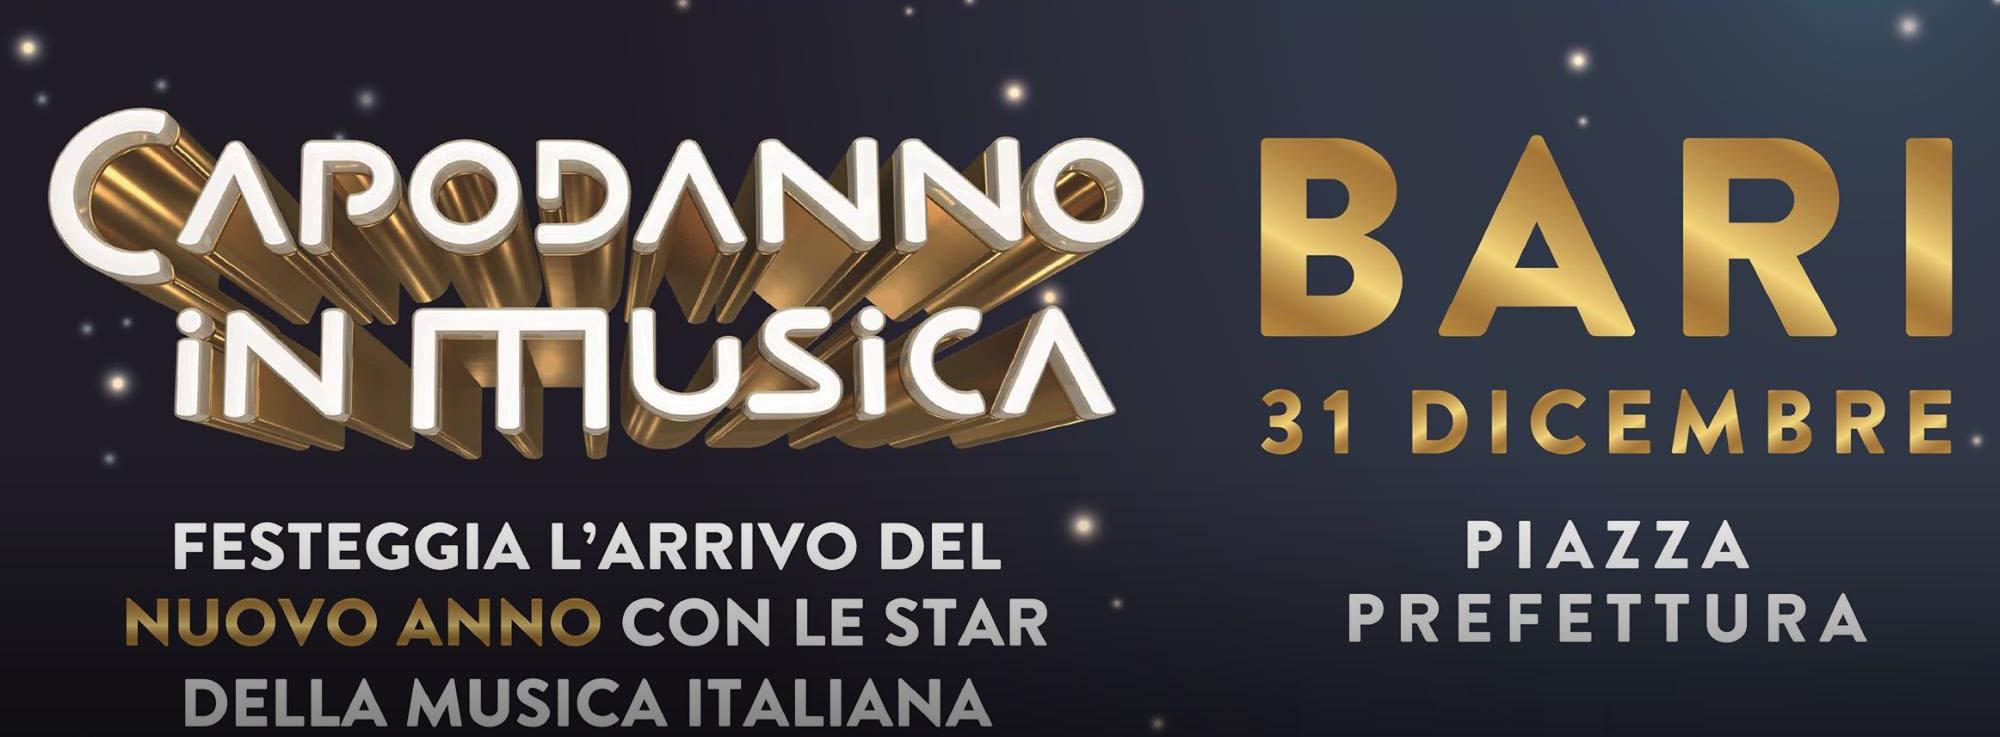 Bari: Capodanno in musica